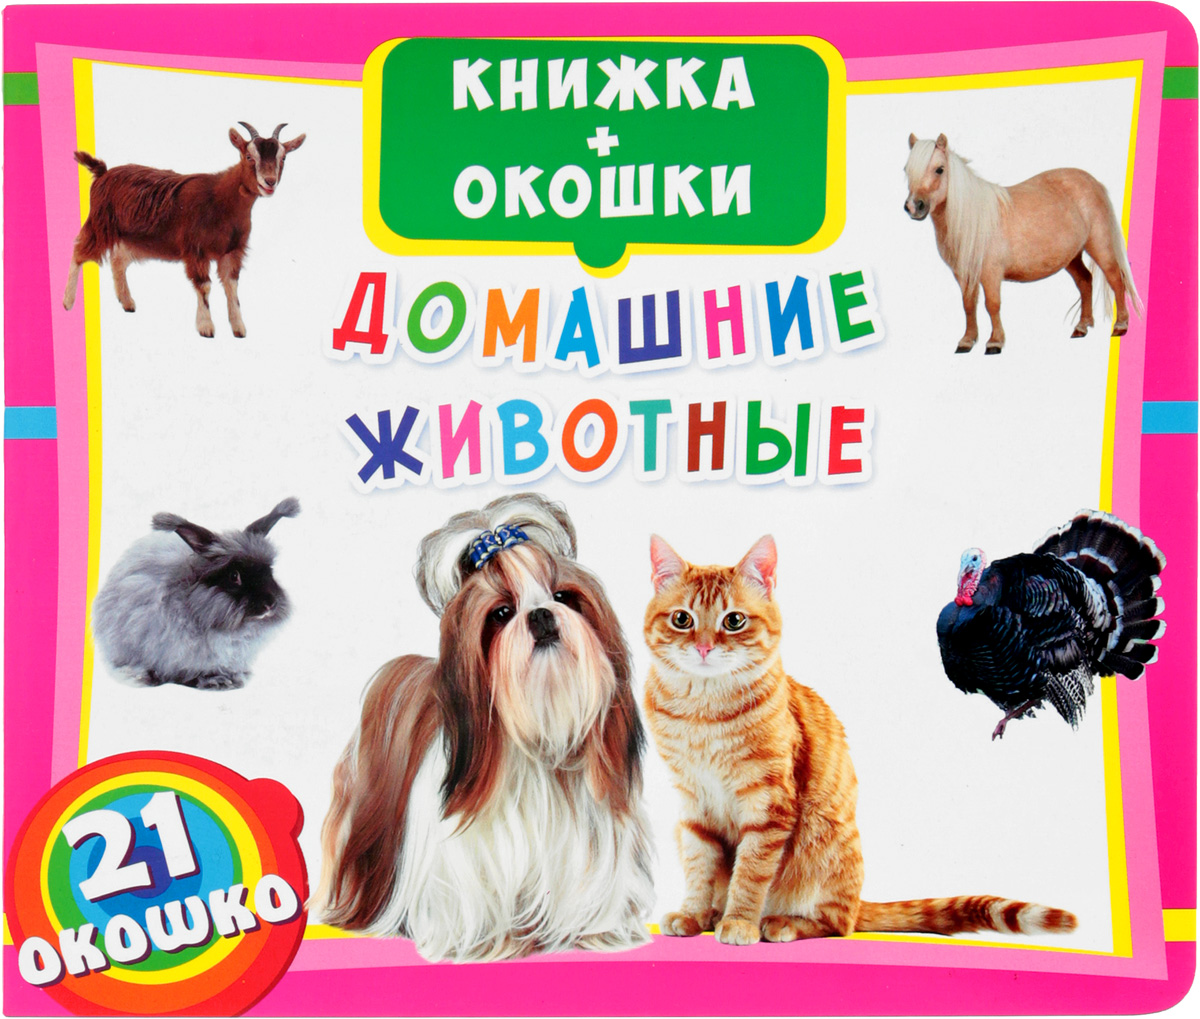 Домашние животные. Книжка+окошки